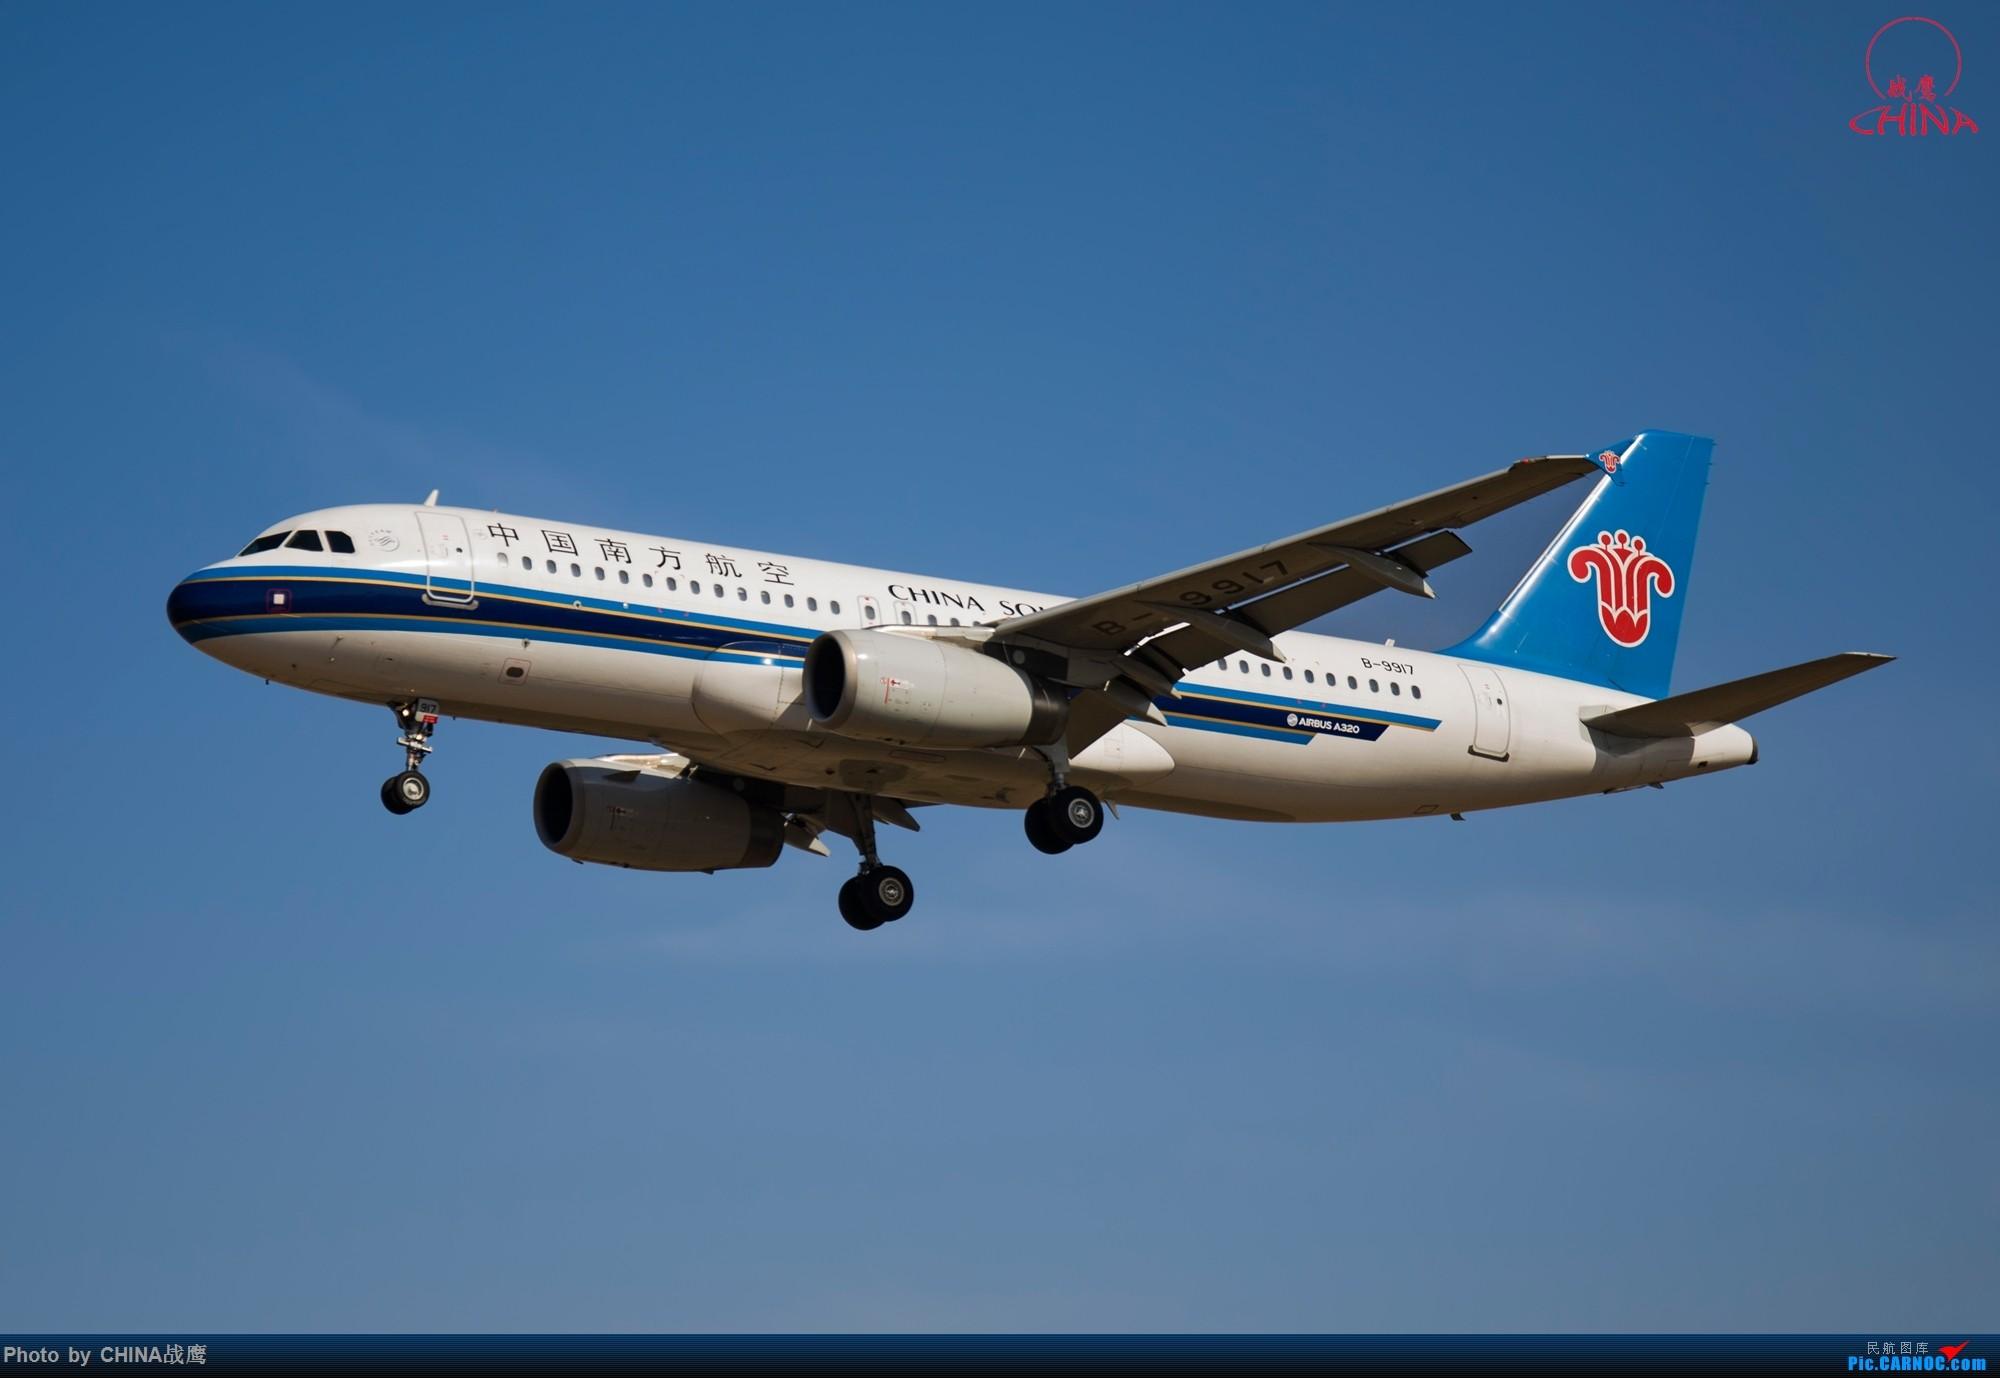 Re:[原创]拍飞机的乐趣 AIRBUS A320-200 B-9917 中国沈阳桃仙国际机场